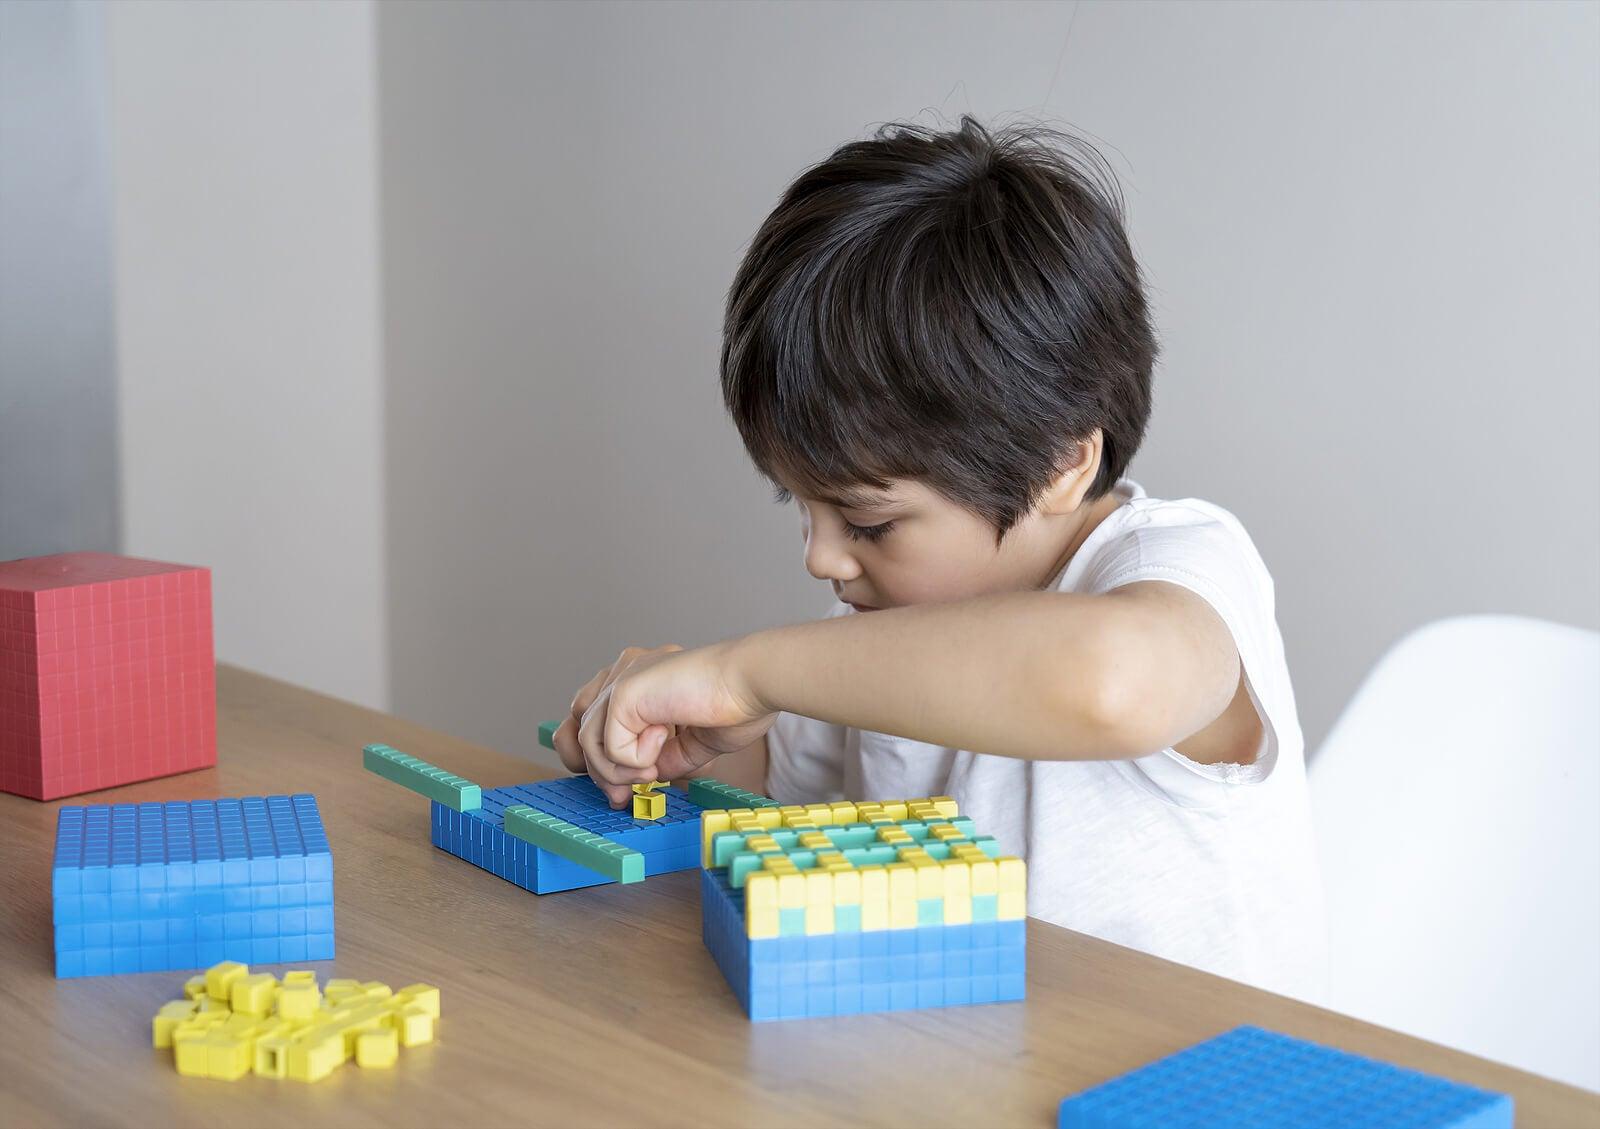 Niño aprendiendo habilidades matemáticas con bloques.